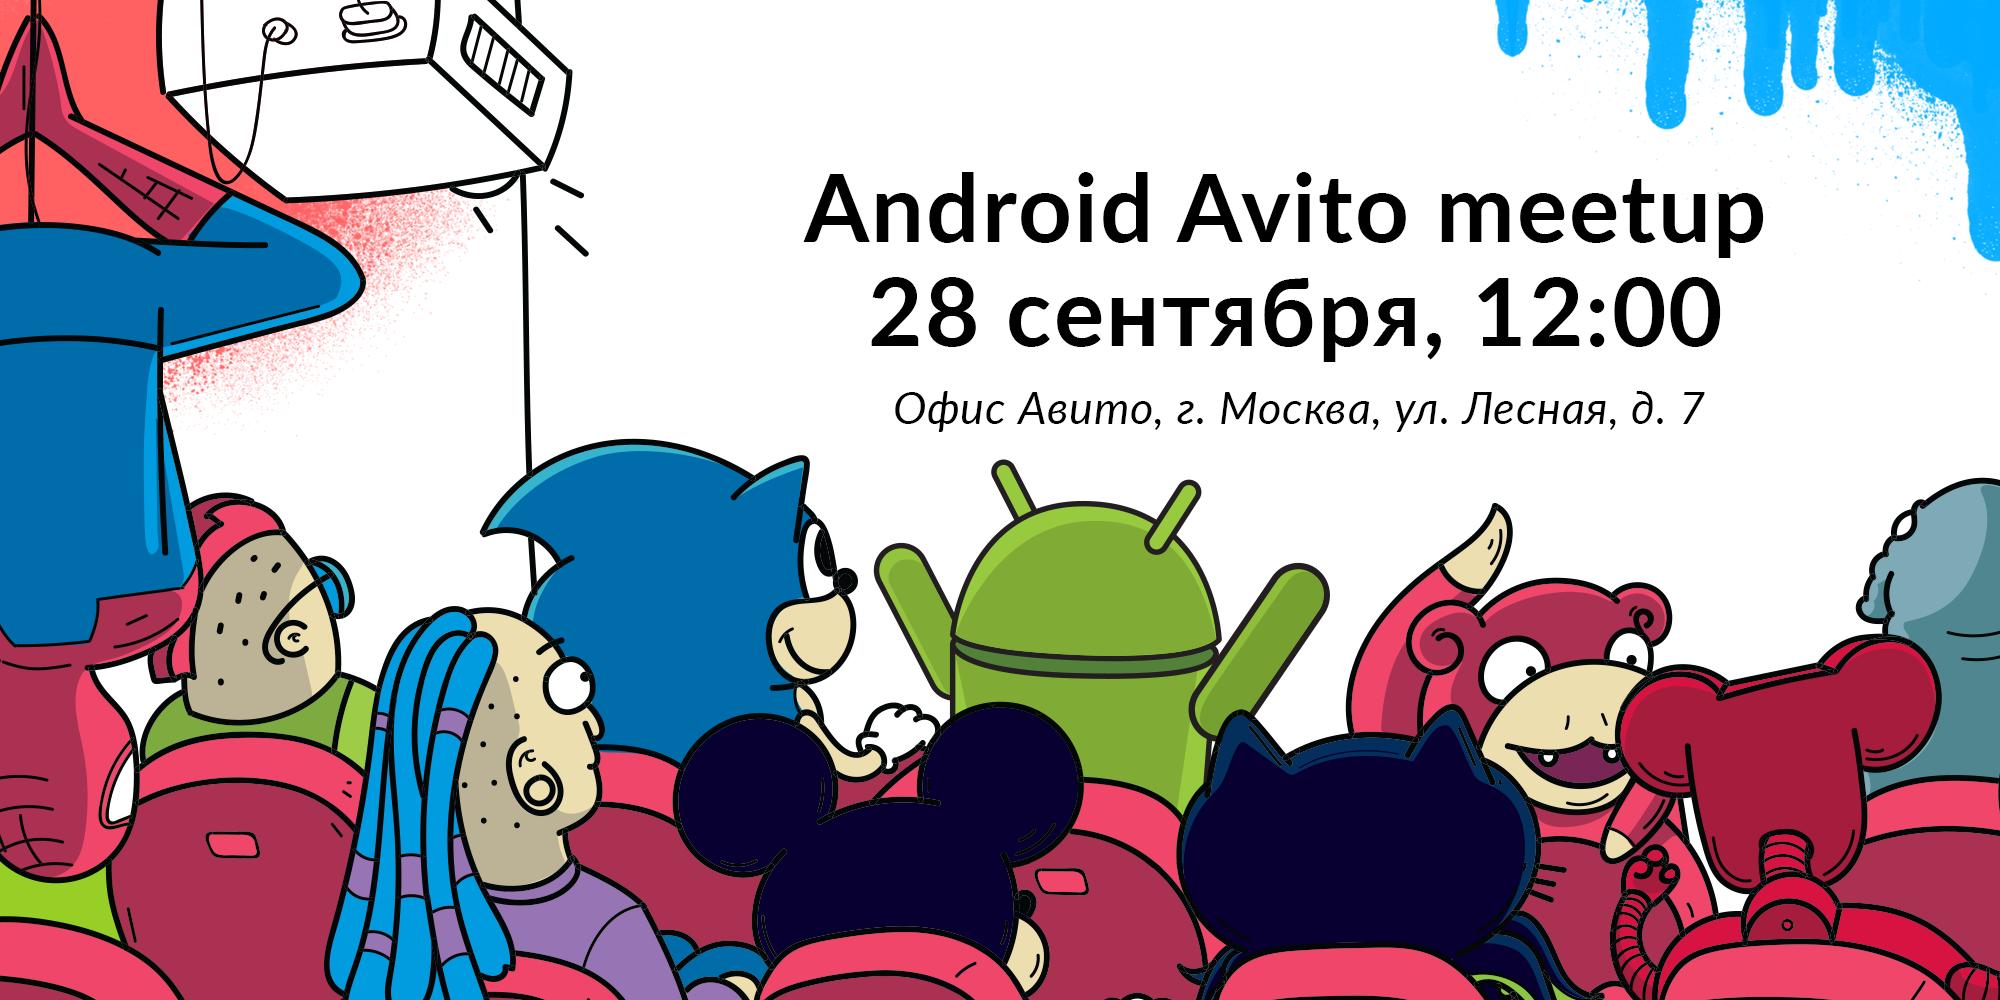 Инструменты для автотестов, интеграция Yandex Mapkit 3, крутой дизайн и подход Server Driven UI — анонс Android-митапа - 1